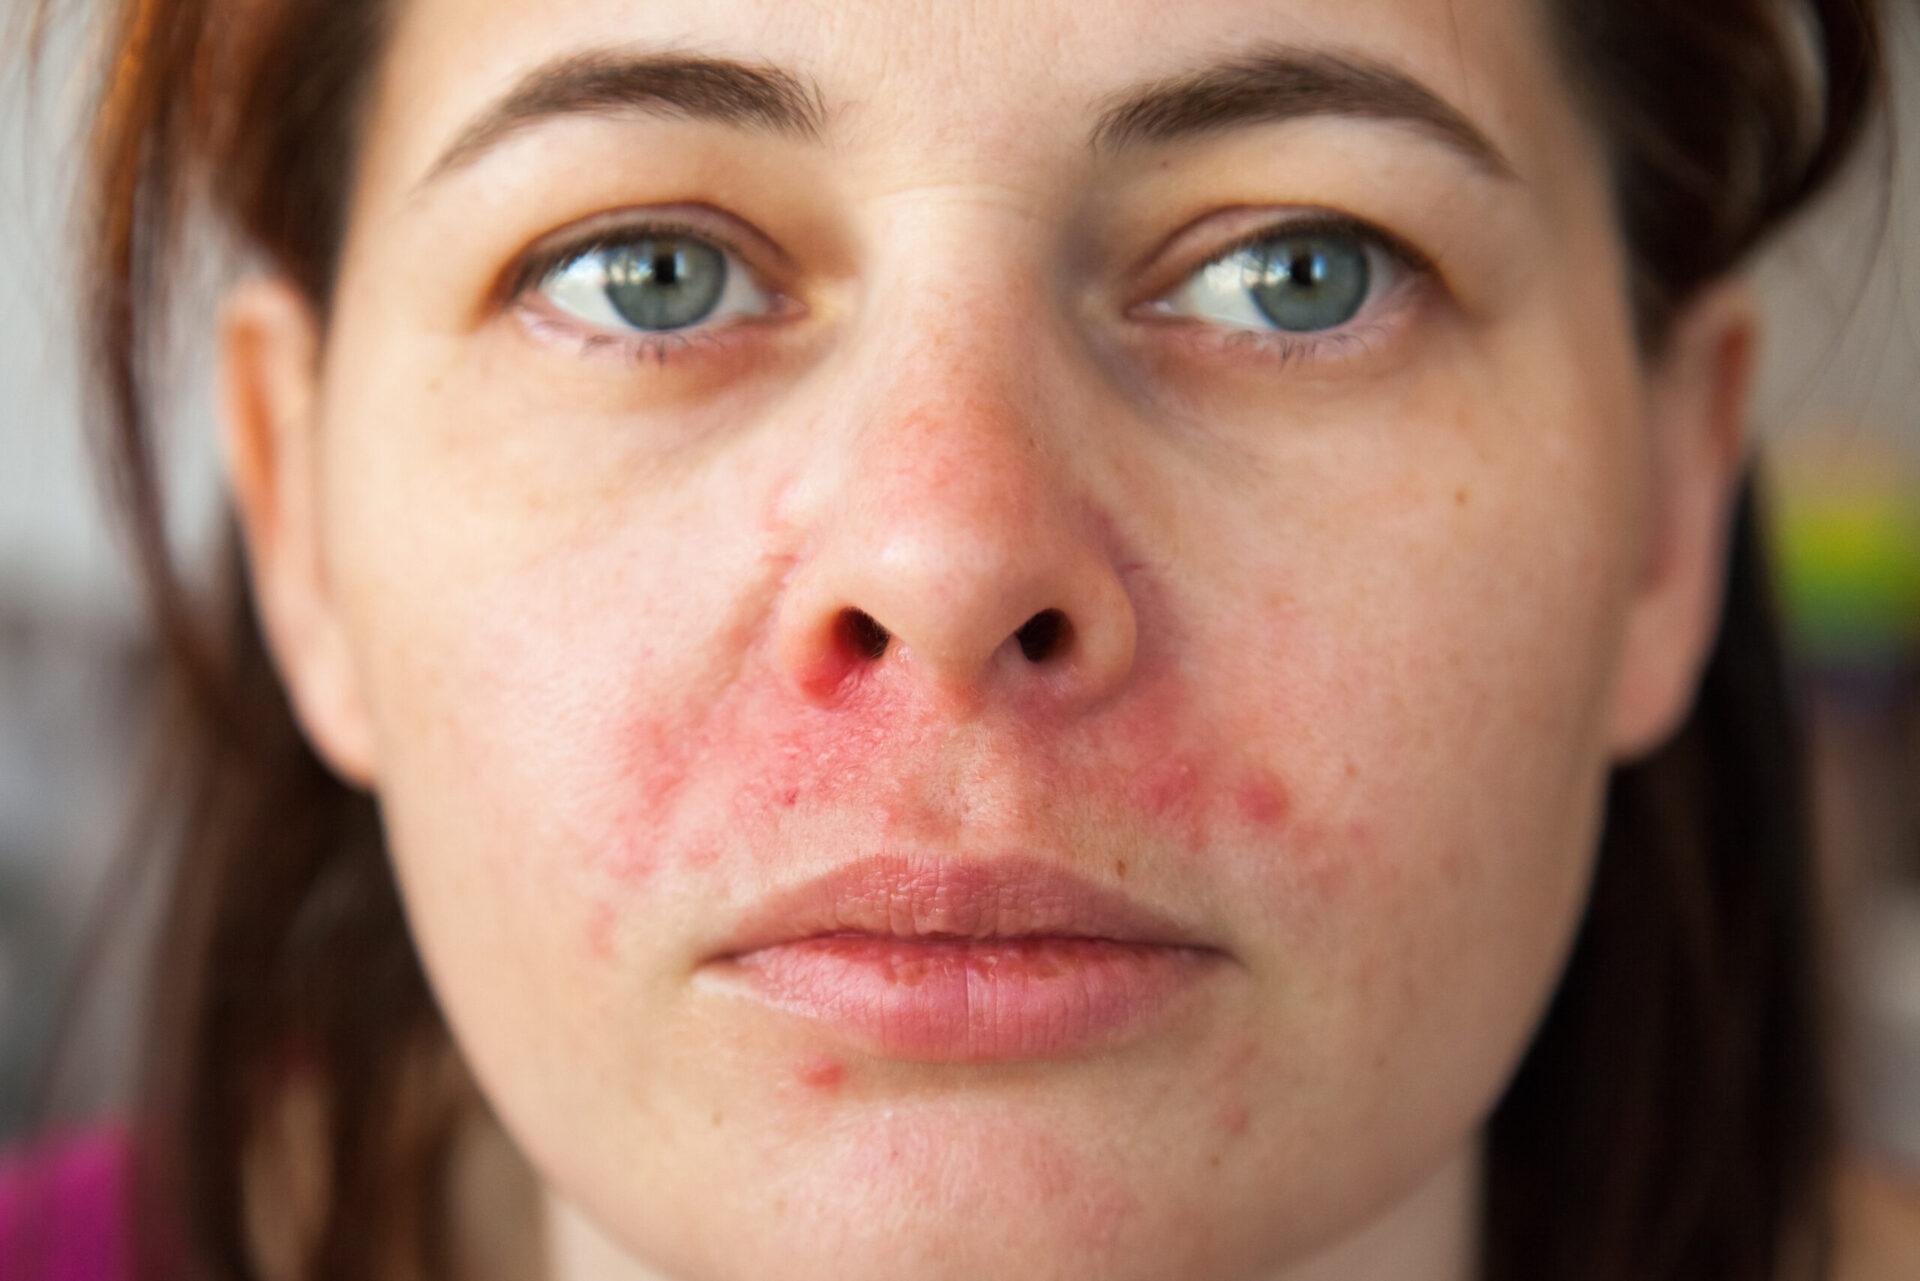 Oxilver - Perioralni dermatitis